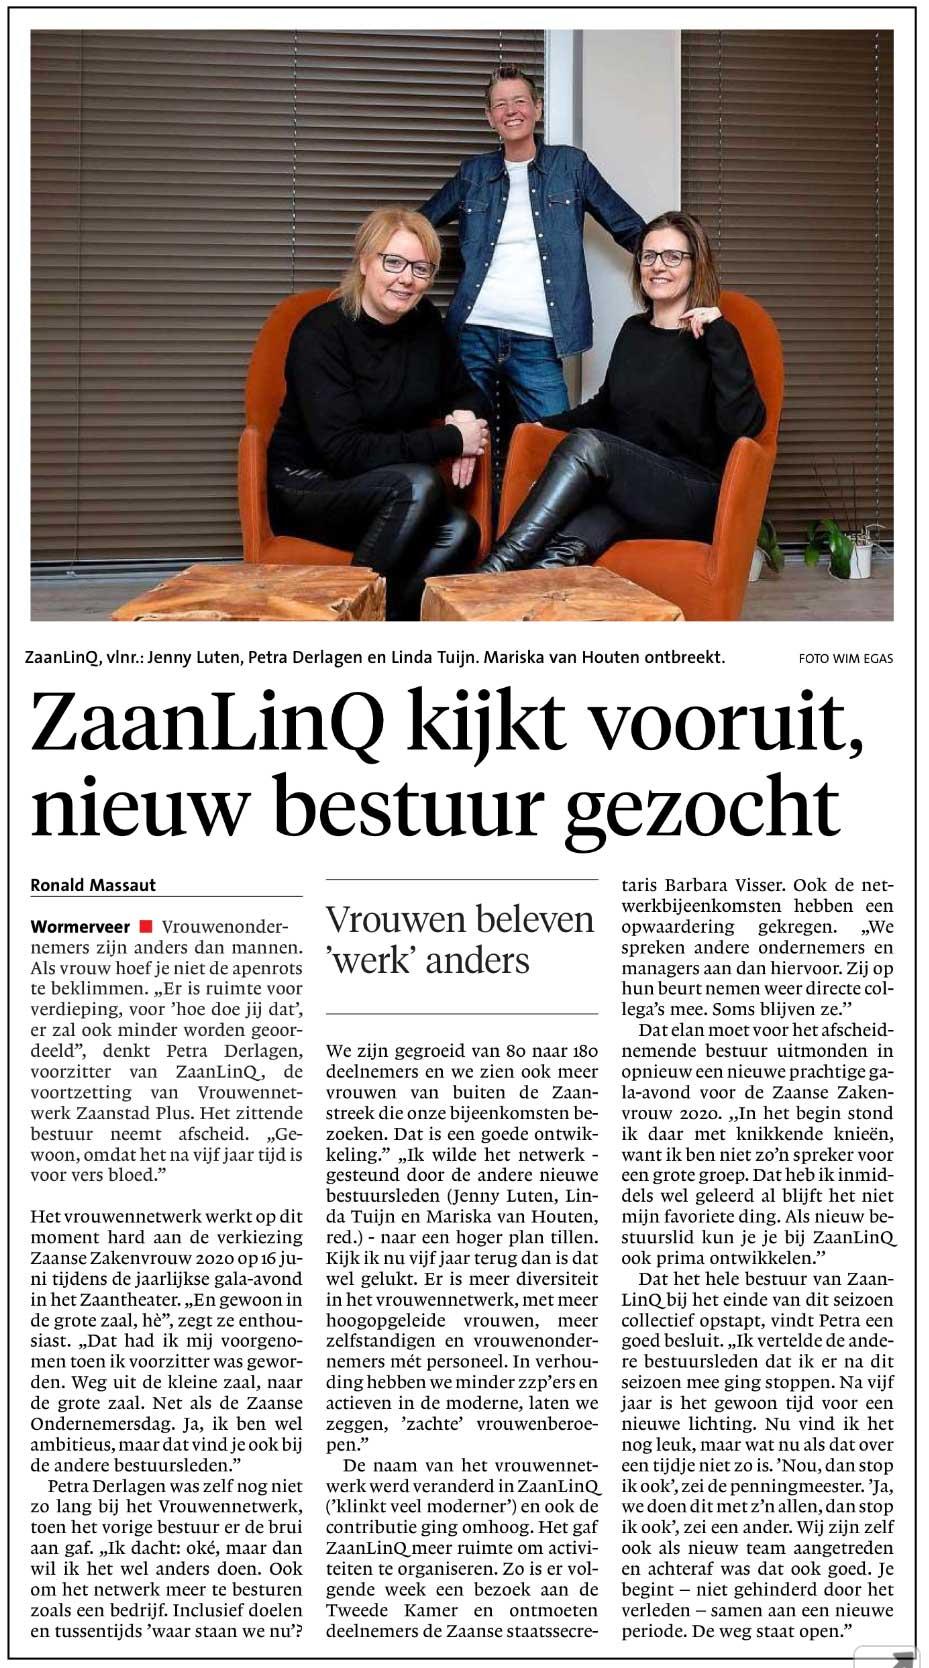 Nieuw bestuur gezocht ZaanLinQ